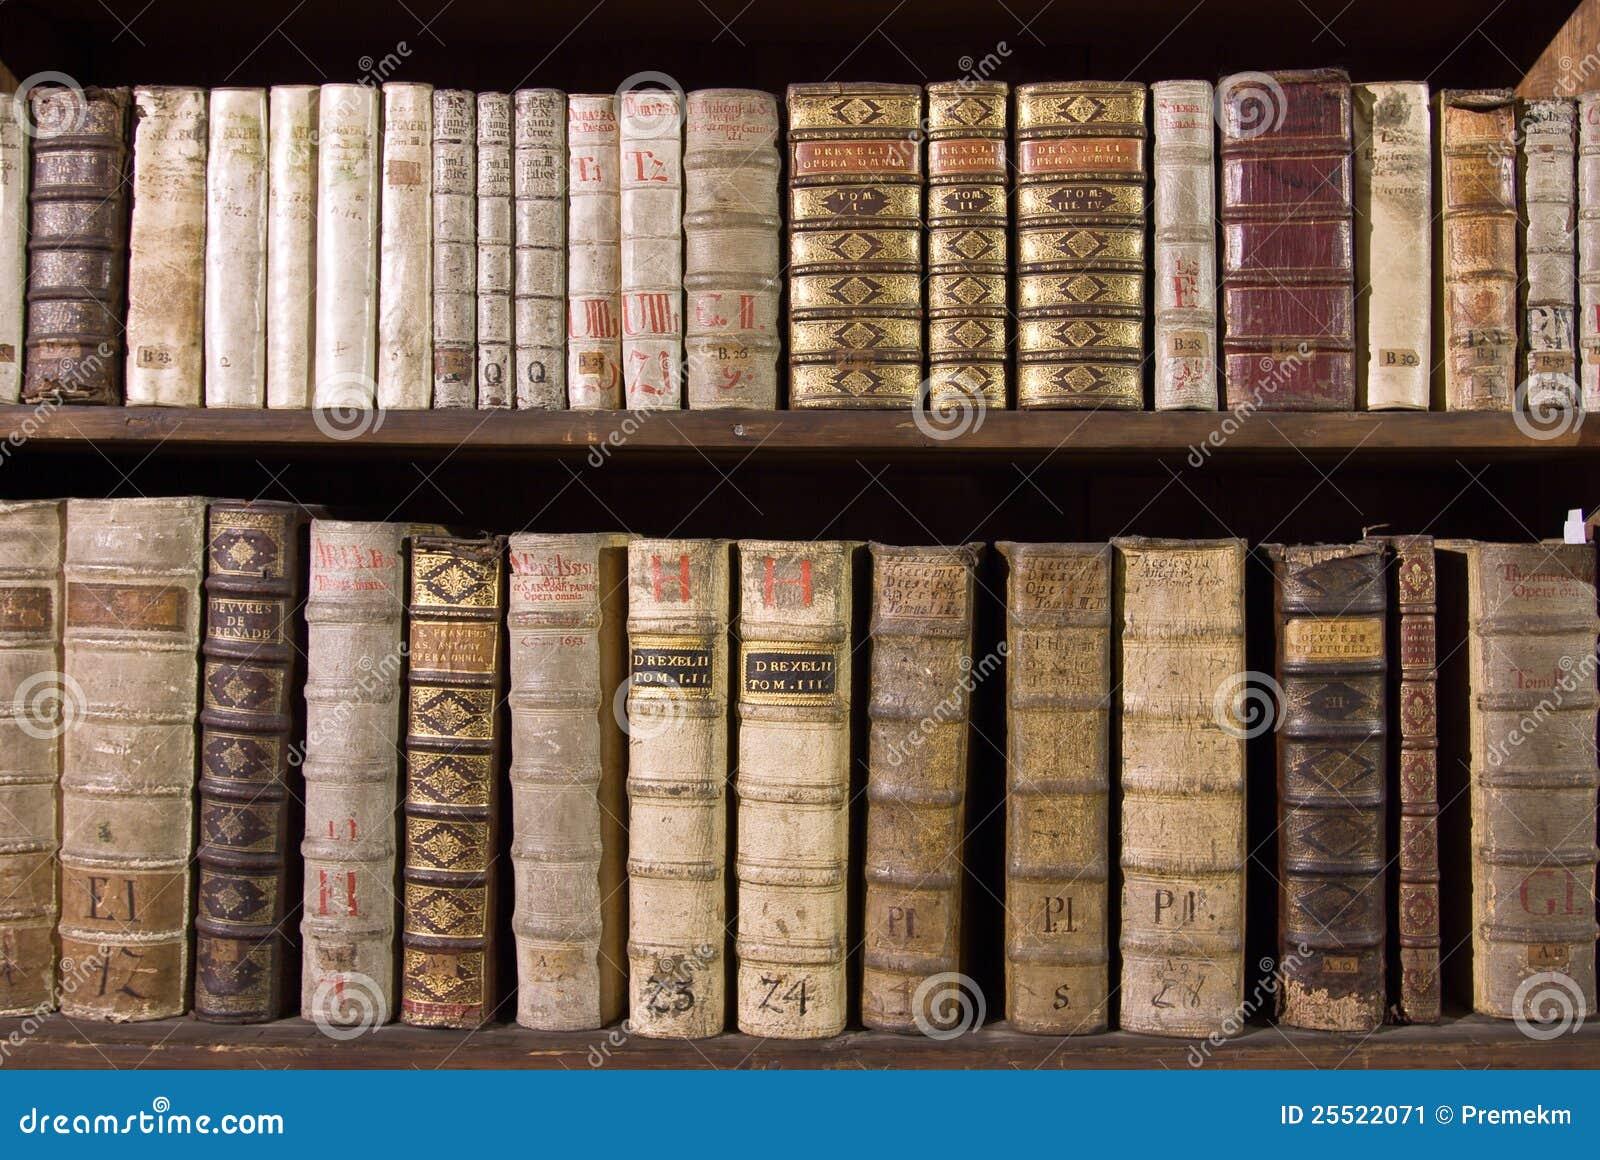 Antikviteten books bokhyllan